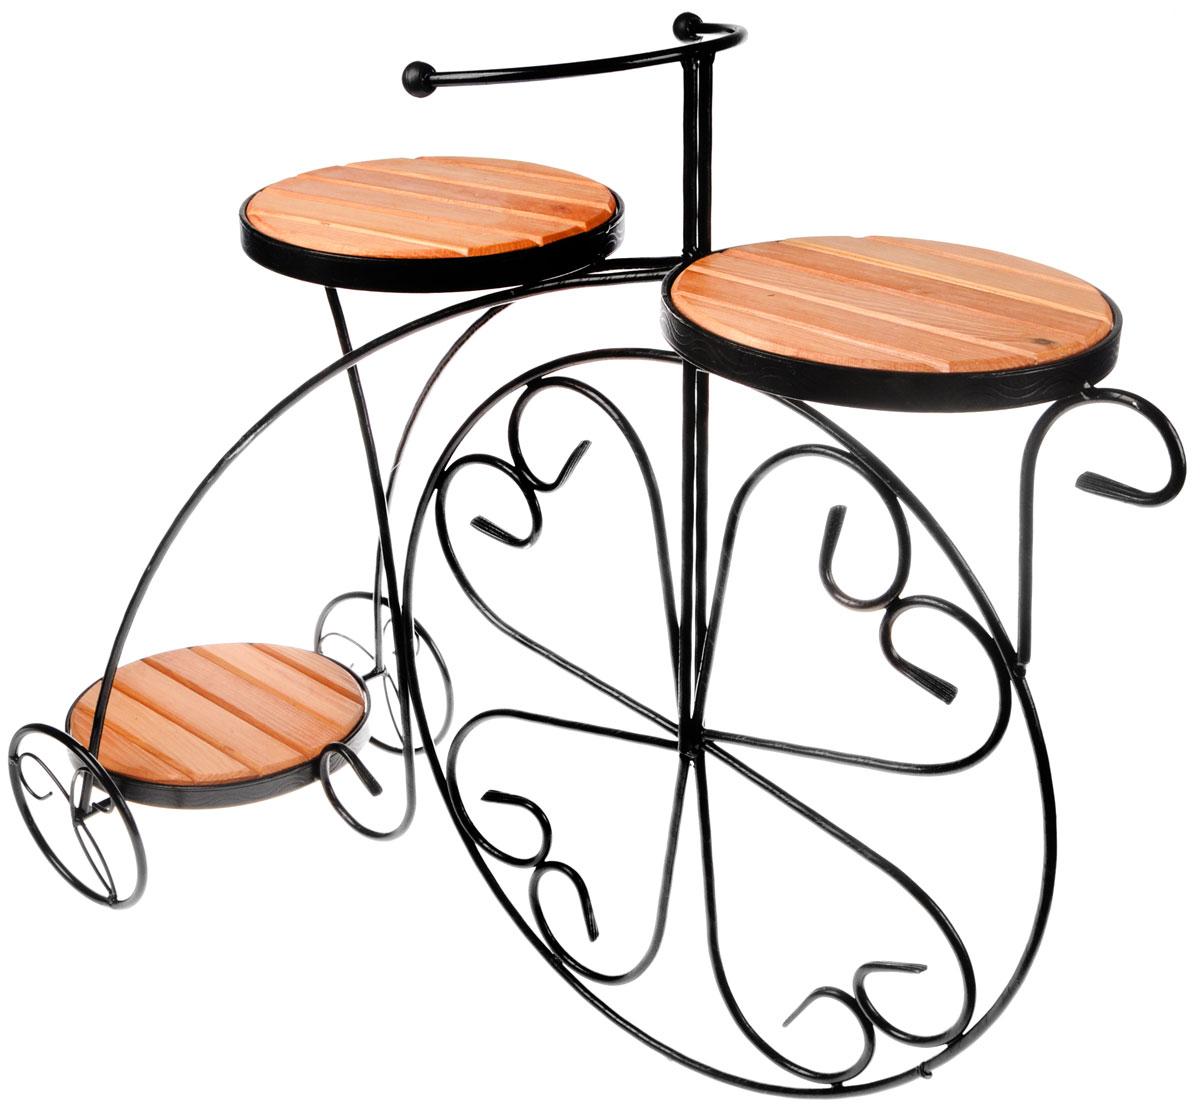 Подставка для цветов Фабрика ковки Велосипед, на 3 цветка, цвет: черный, коричневый. 59-41359-413Оригинальная подставка Фабрика ковки Велосипед предназначена для размещения трех цветков, два размещается на верхнем уровне, один на нижнем. Каркас изготовлен из металла, на котором располагаются полки из дерева. Роль ножек исполняют изогнутые прутки, которые сплетаются в форму, повторяющую форму велосипеда, обеспечивая устойчивое расположение цветков. Подставка станет прекрасным дизайнерским решением для украшения дома. Размер подставки: 81 х 32 х 67 см. Диаметр полок: 23 см.